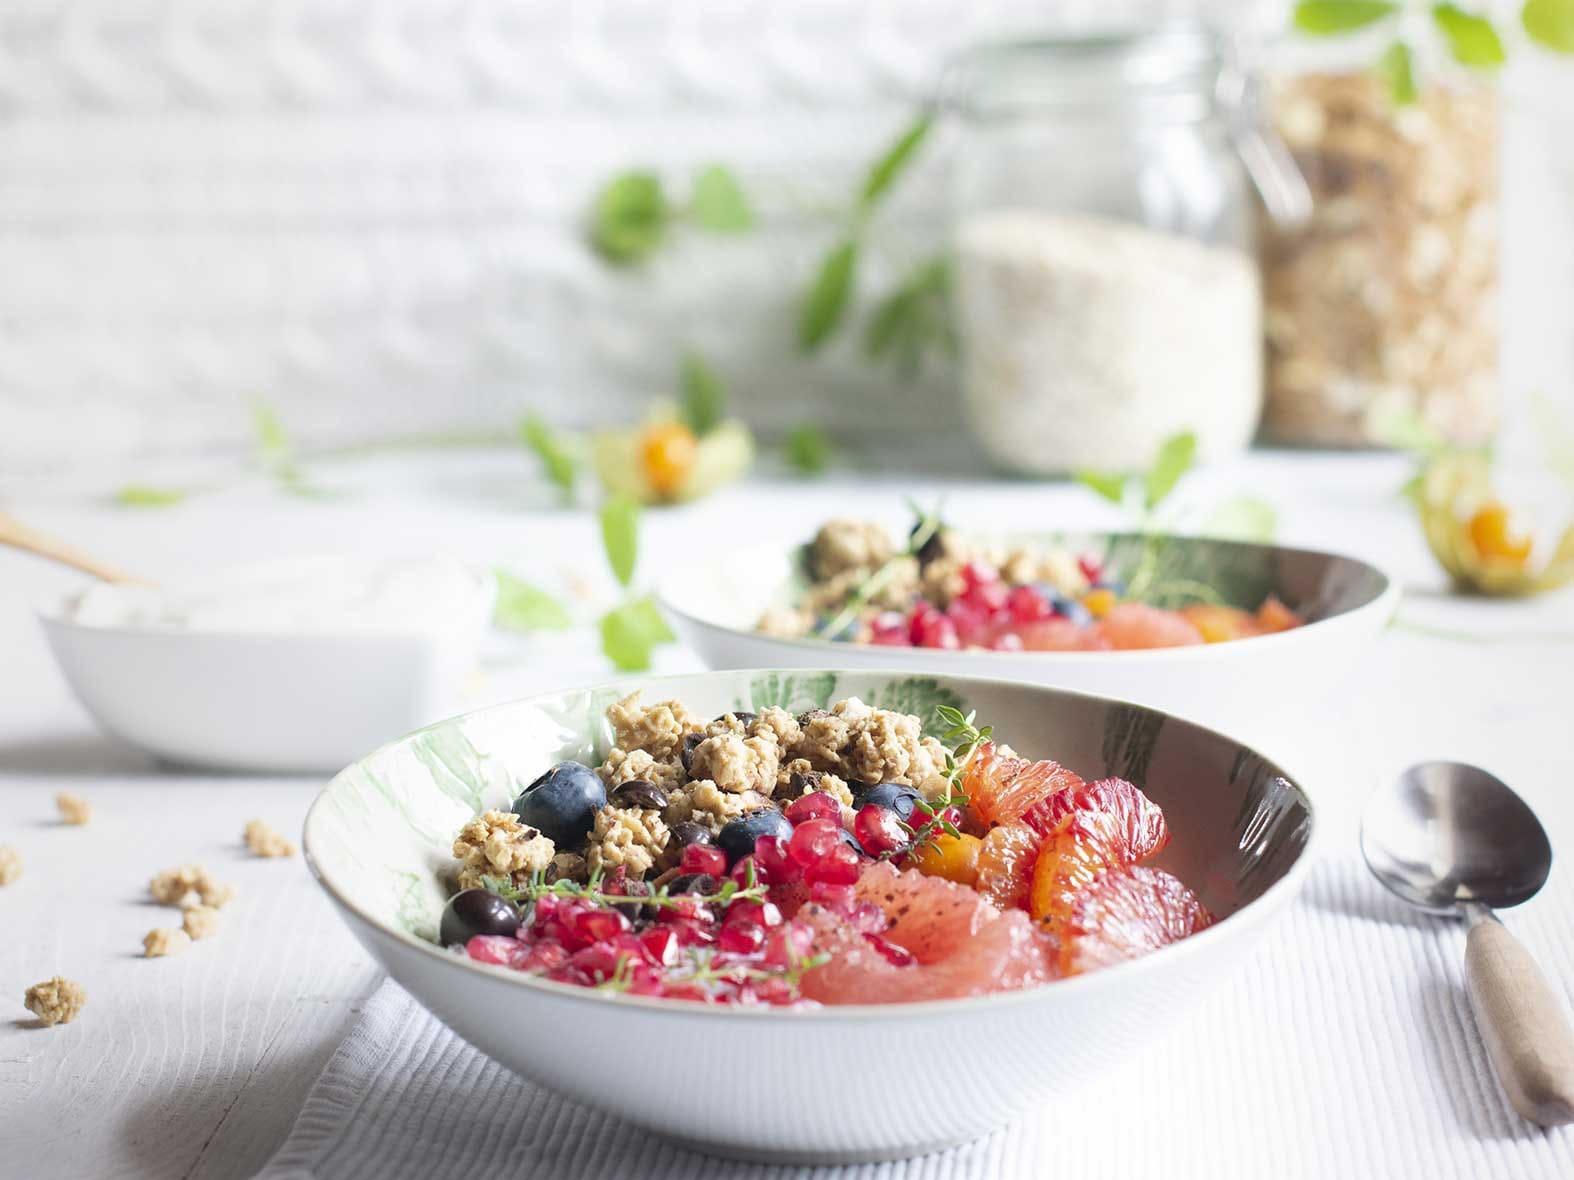 Yoghurtbowl met krokante muesli, chocolade en citrus